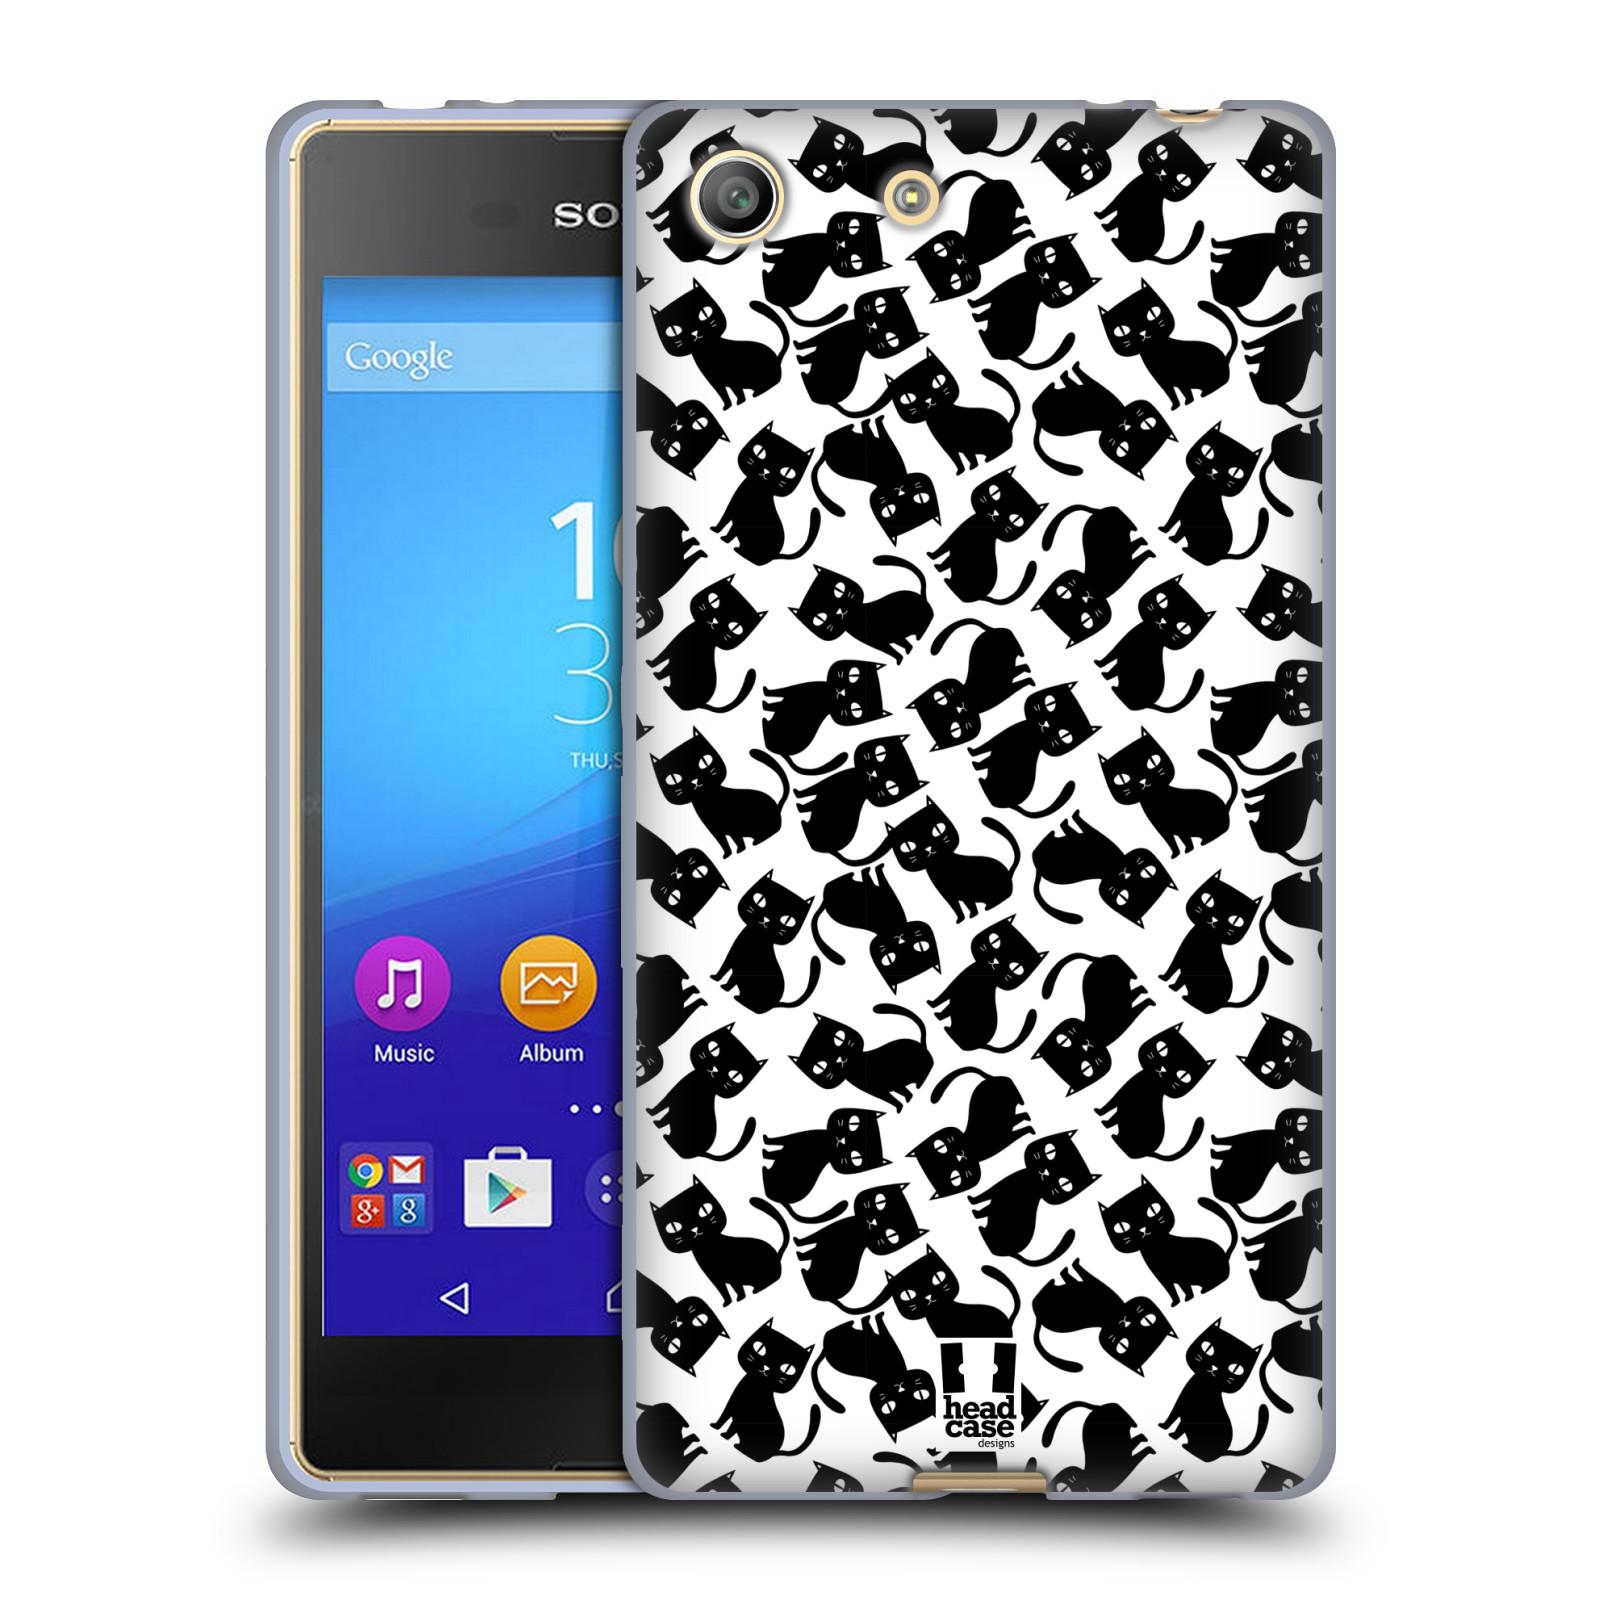 Silikonové pouzdro na mobil Sony Xperia M5 HEAD CASE KOČKY Black Pattern (Silikonový kryt či obal na mobilní telefon Sony Xperia M5 Dual SIM / Aqua)